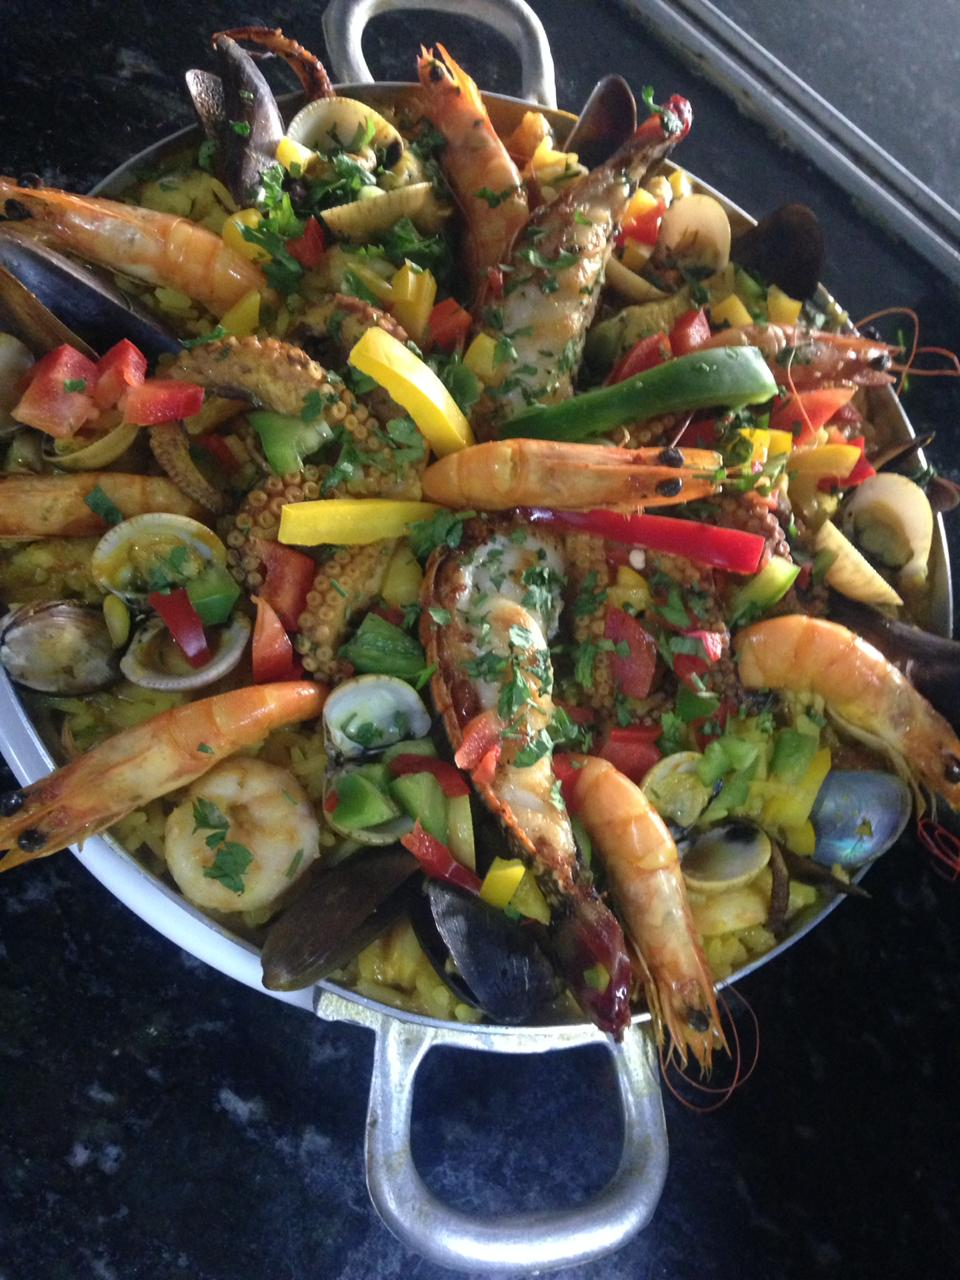 Cozinha espanhola maravilhosa! Paella a William Moura para 2 pessoas de R$149,90 por apenas R$98